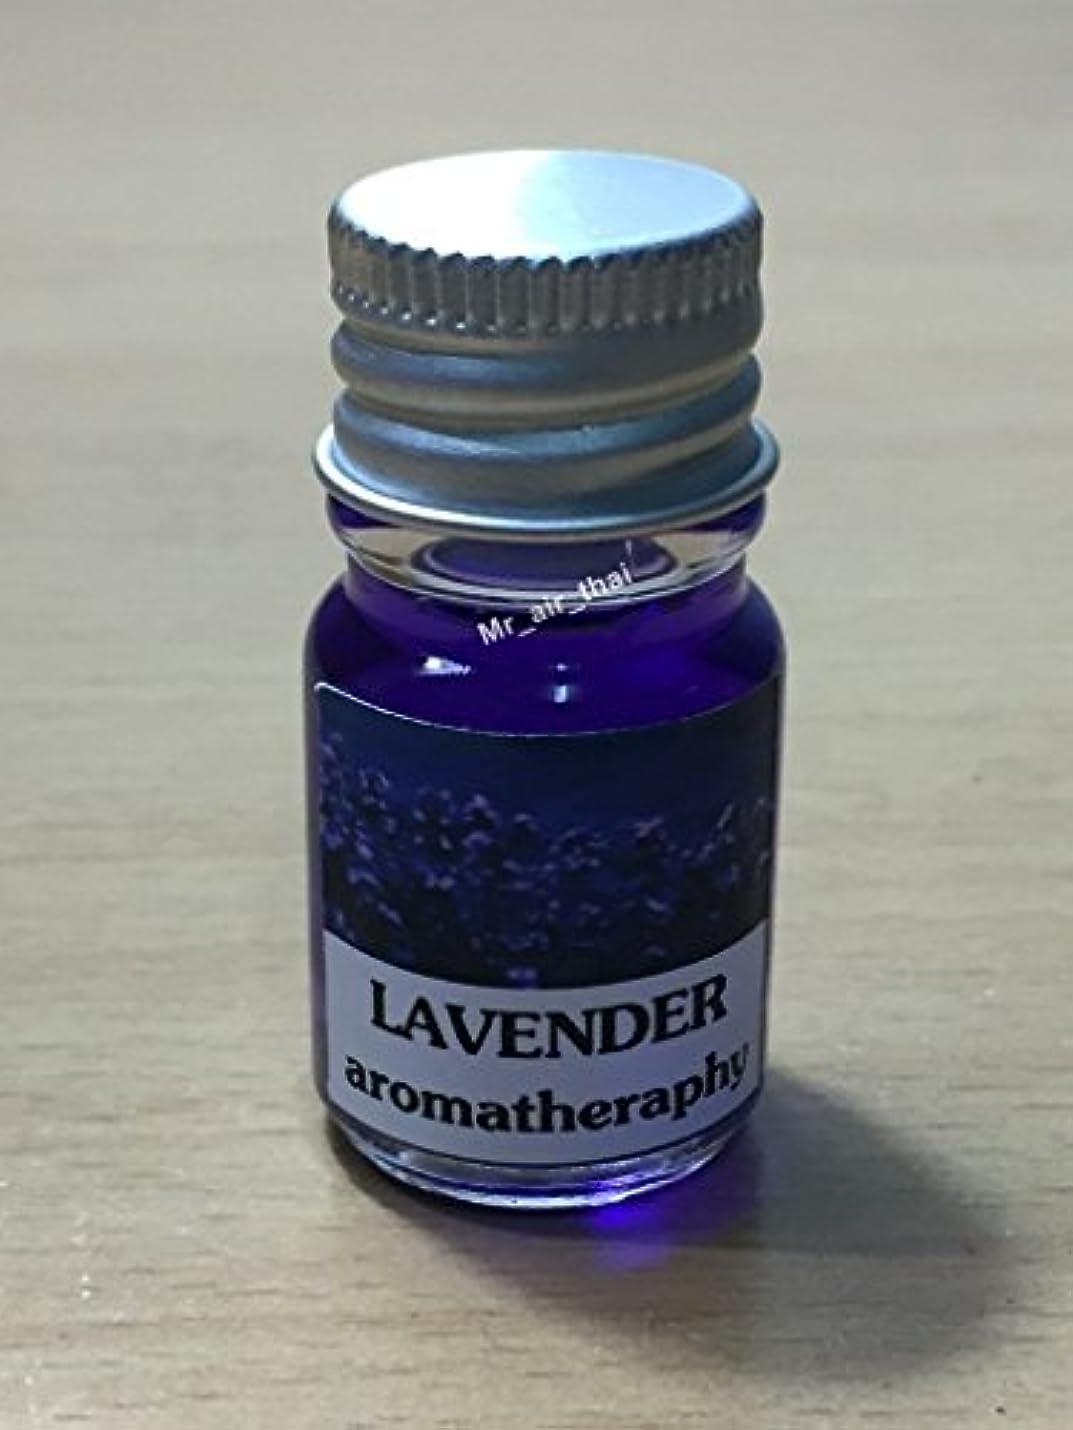 迫害する繊細残る5ミリリットルアロマラベンダーフランクインセンスエッセンシャルオイルボトルアロマテラピーオイル自然自然5ml Aroma Lavender Frankincense Essential Oil Bottles Aromatherapy...